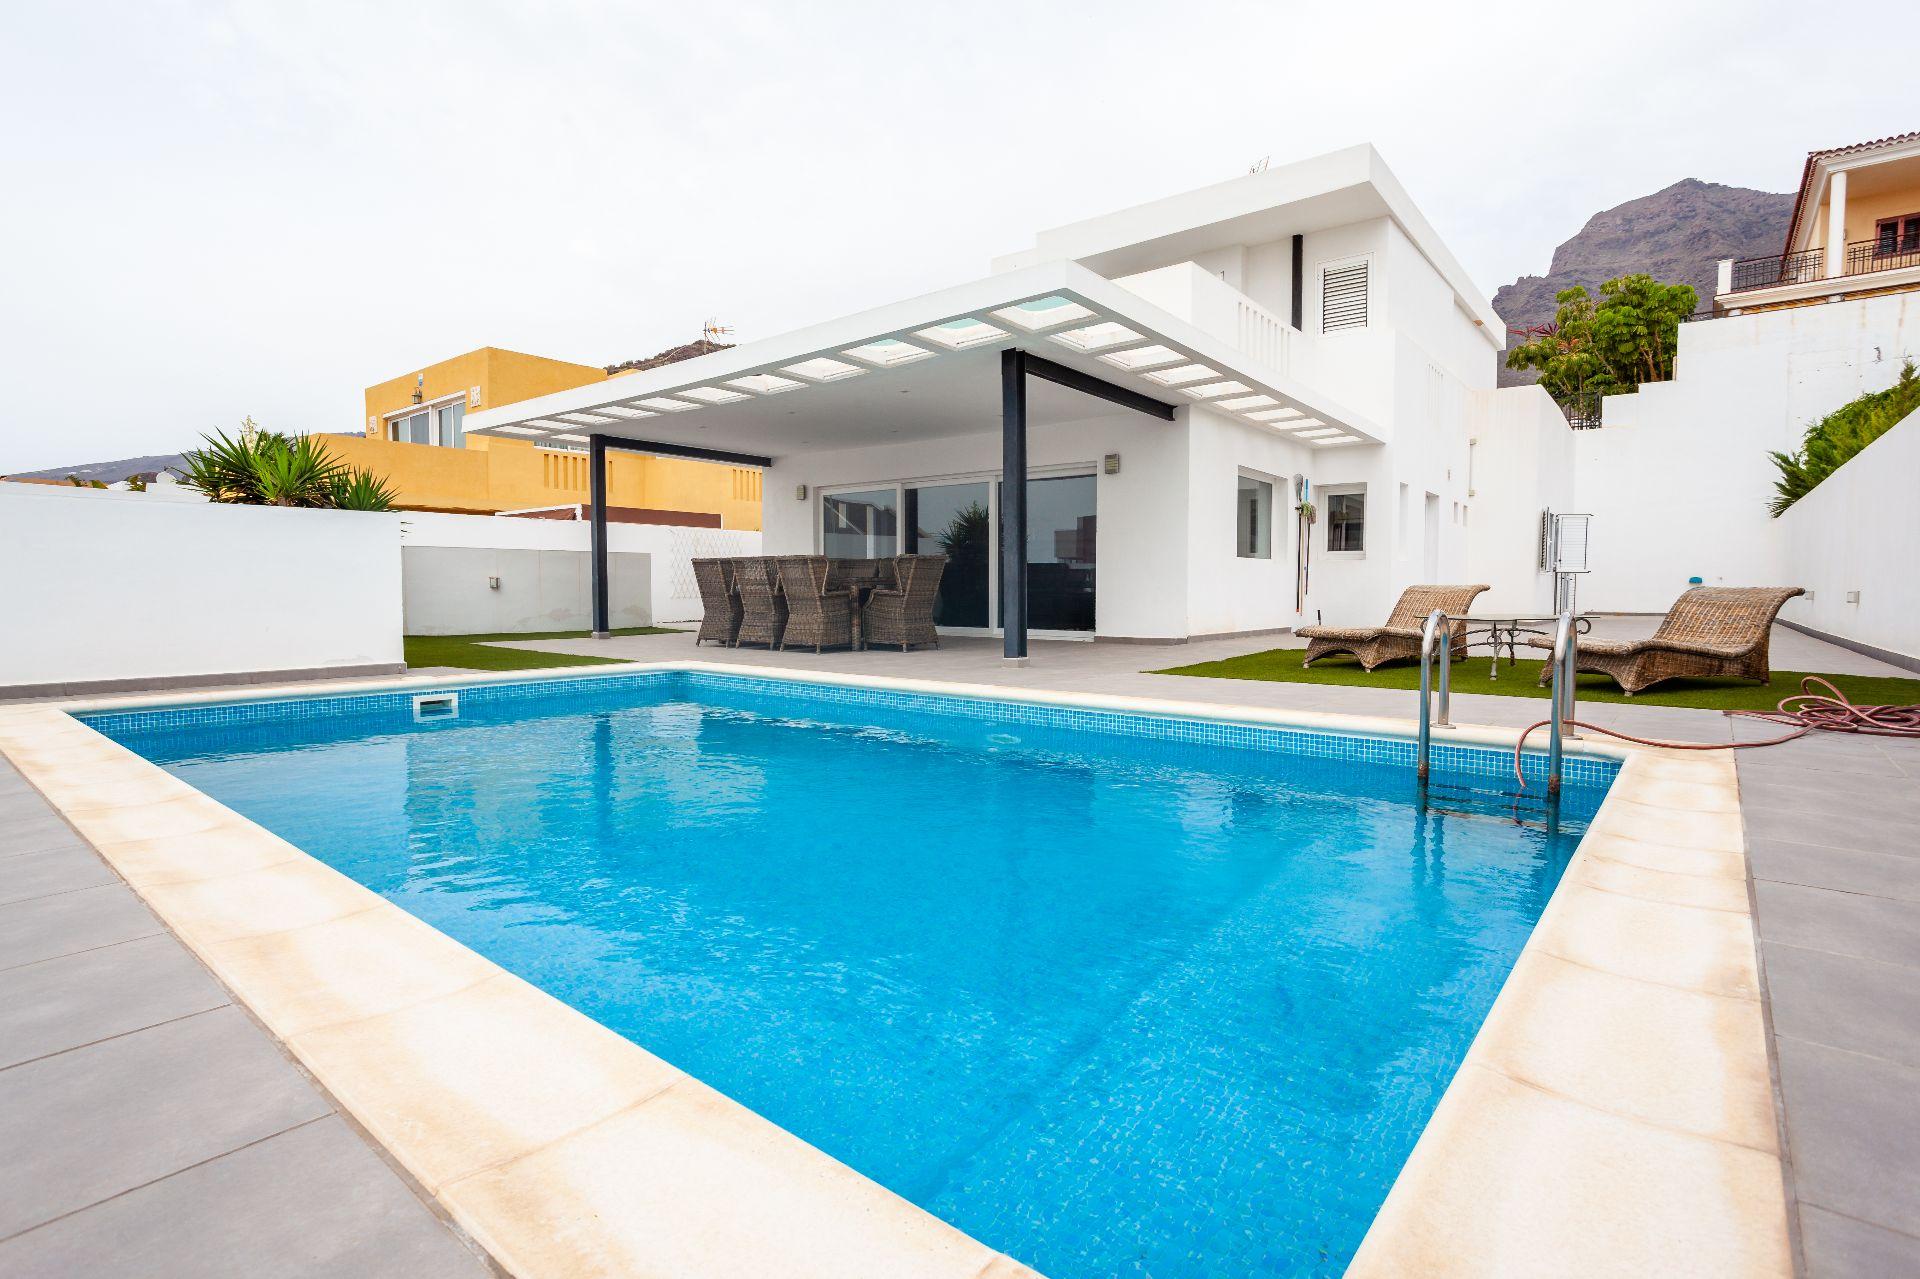 Villa de Lujo en Adeje, Madroñal, venta